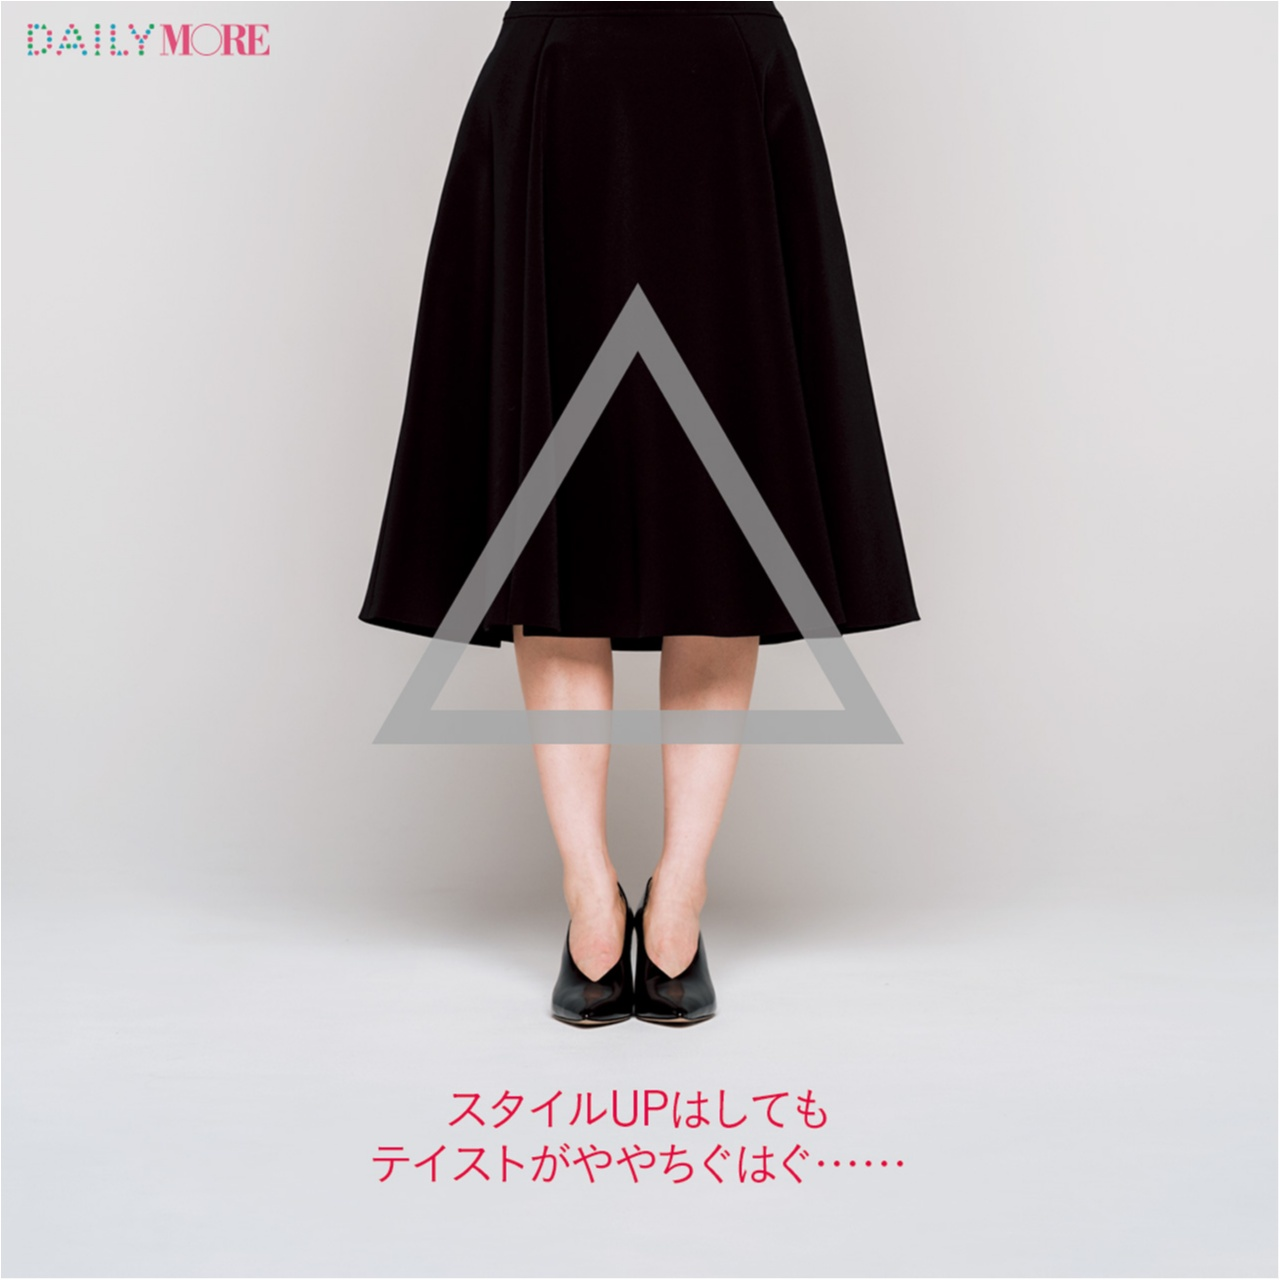 【脚長に見えるのはどれだ⁉】一目瞭然! トレンド靴に似合うスカートはき比べ_1_3